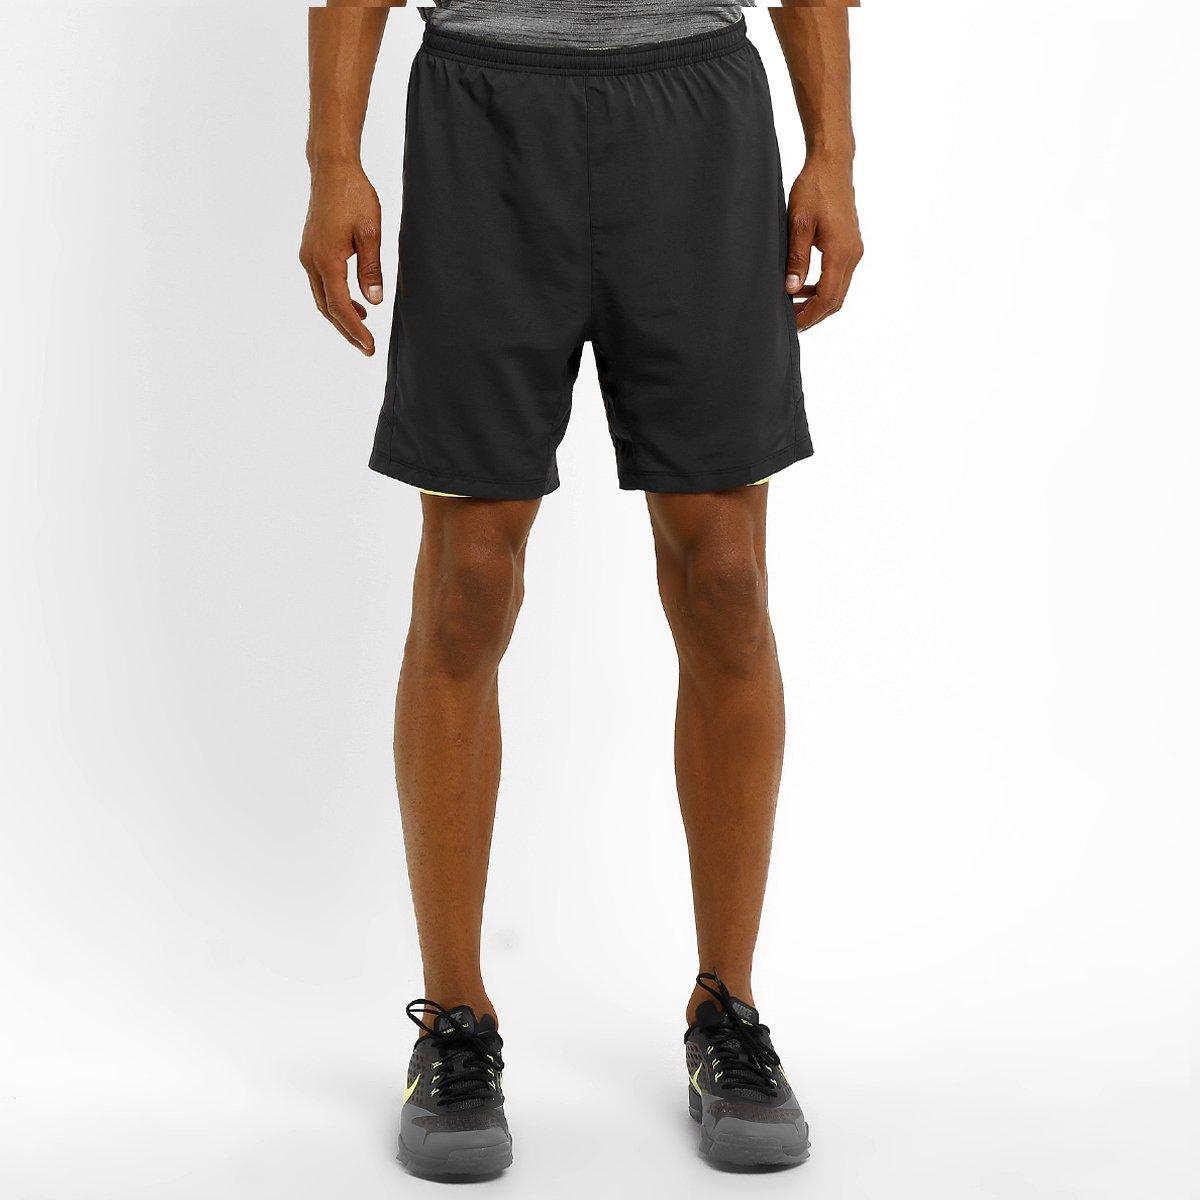 7ed0dbab3 Short Nike Pursuit 2 em 1 7 pol. - Compre Agora